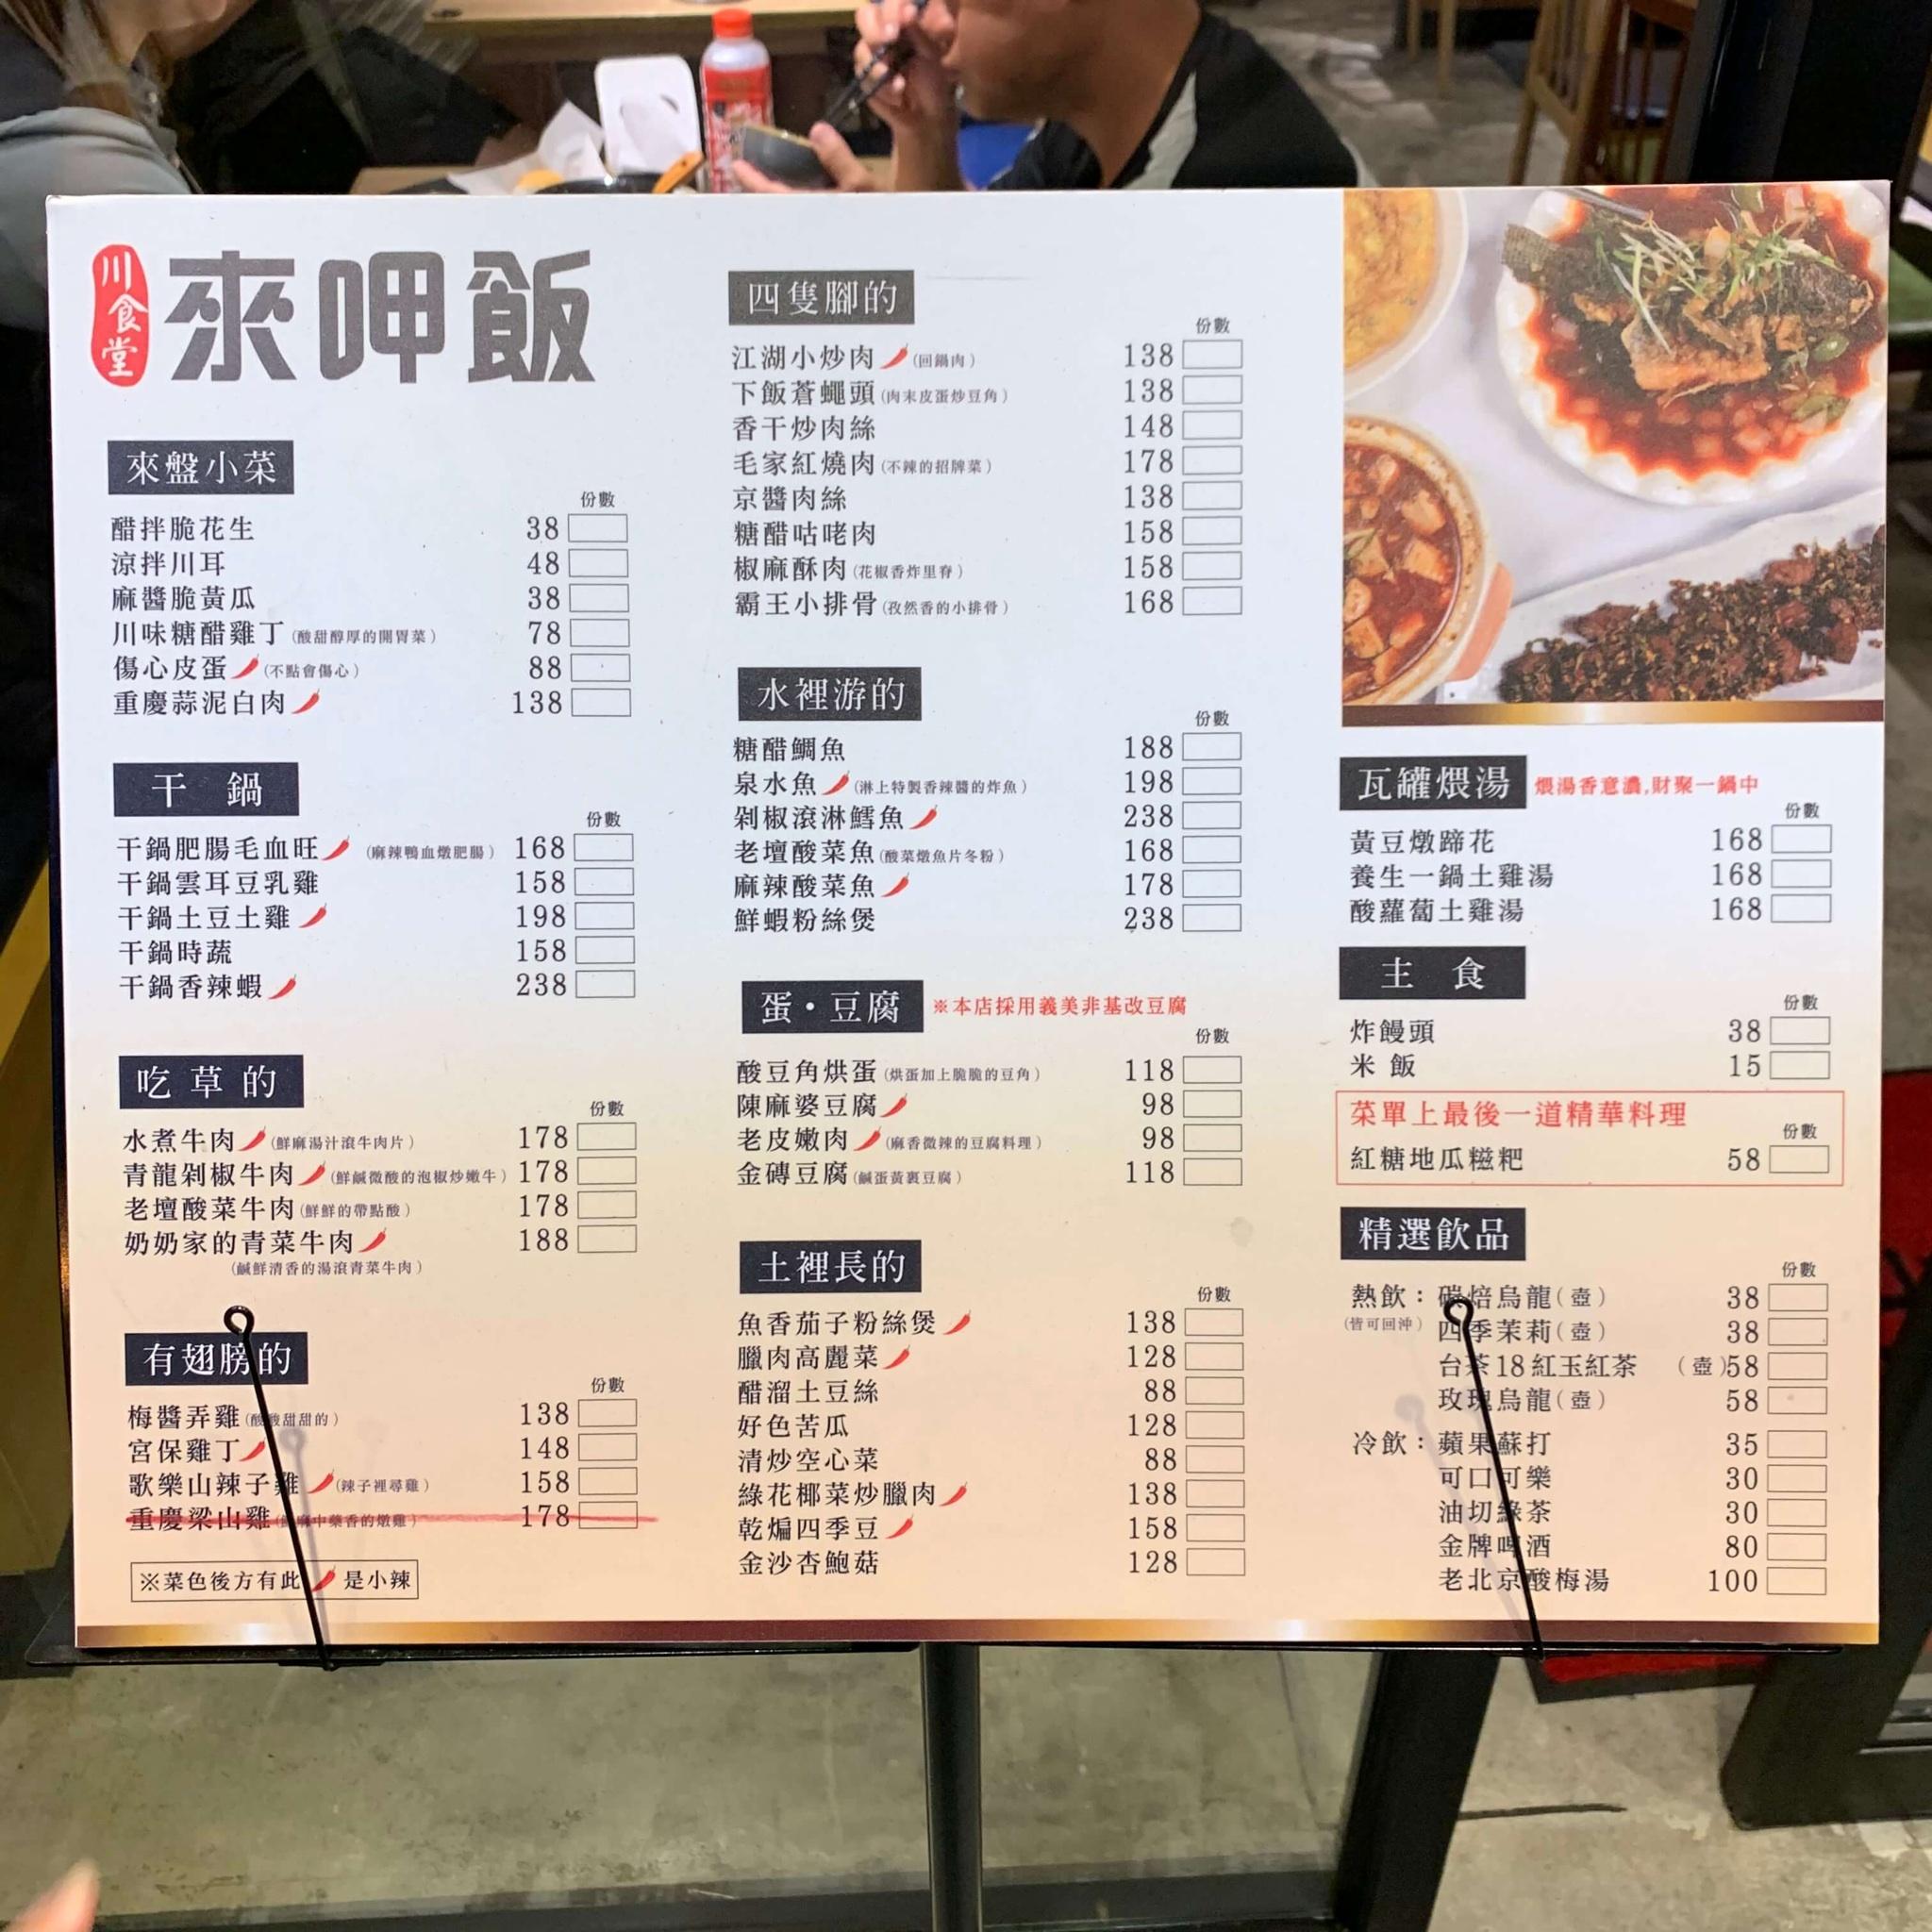 來呷飯川食堂菜單MENU